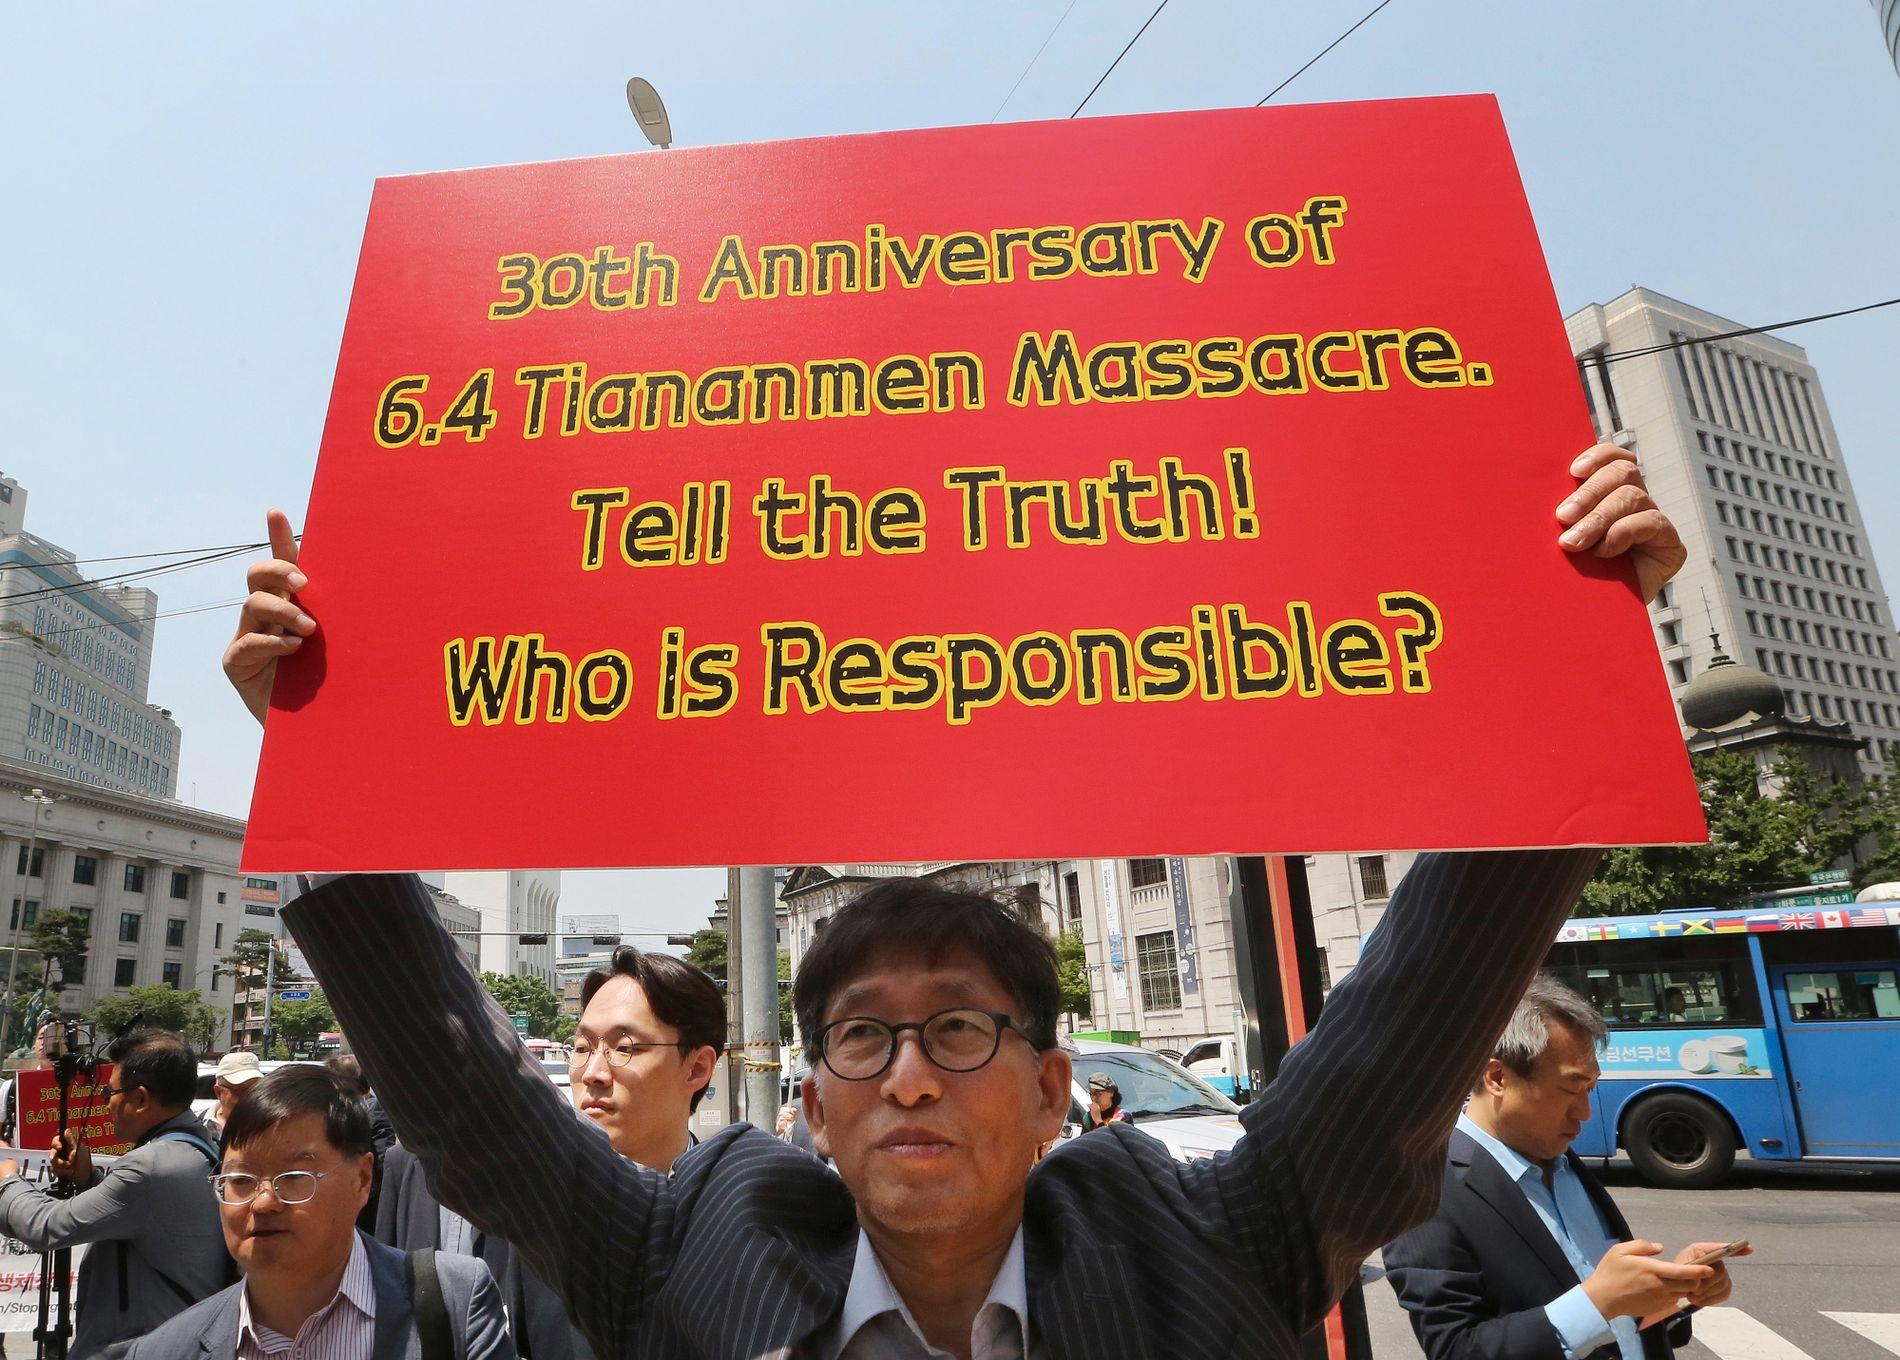 KRITISERER: Demonstranter i Sør-Koreas hovedstad Seoul kritiserte tirsdag både kinesiske myndigheter for massakren på Den himmelske freds plass for 30 år siden, og sitt eget lands myndigheter for taushet om det som skjedde.